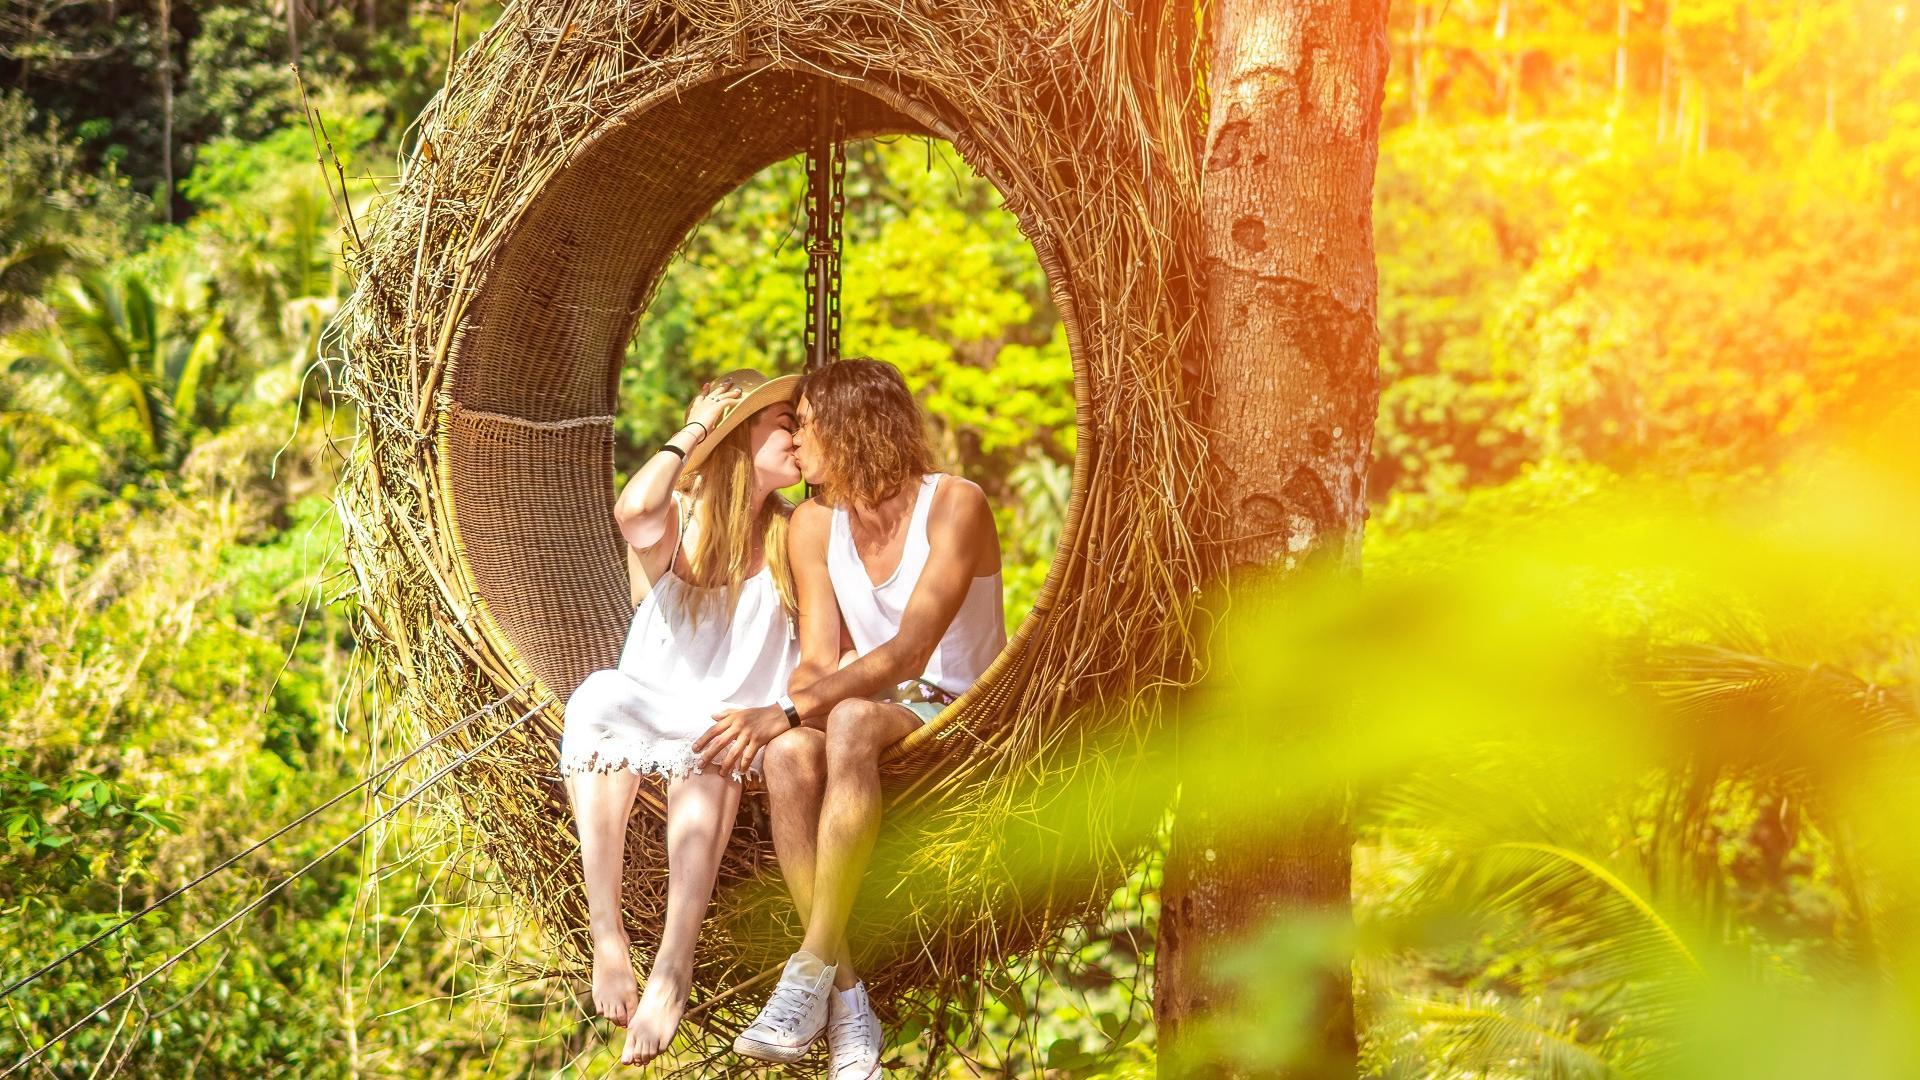 Orte für Sex: Paar in einerm Nest